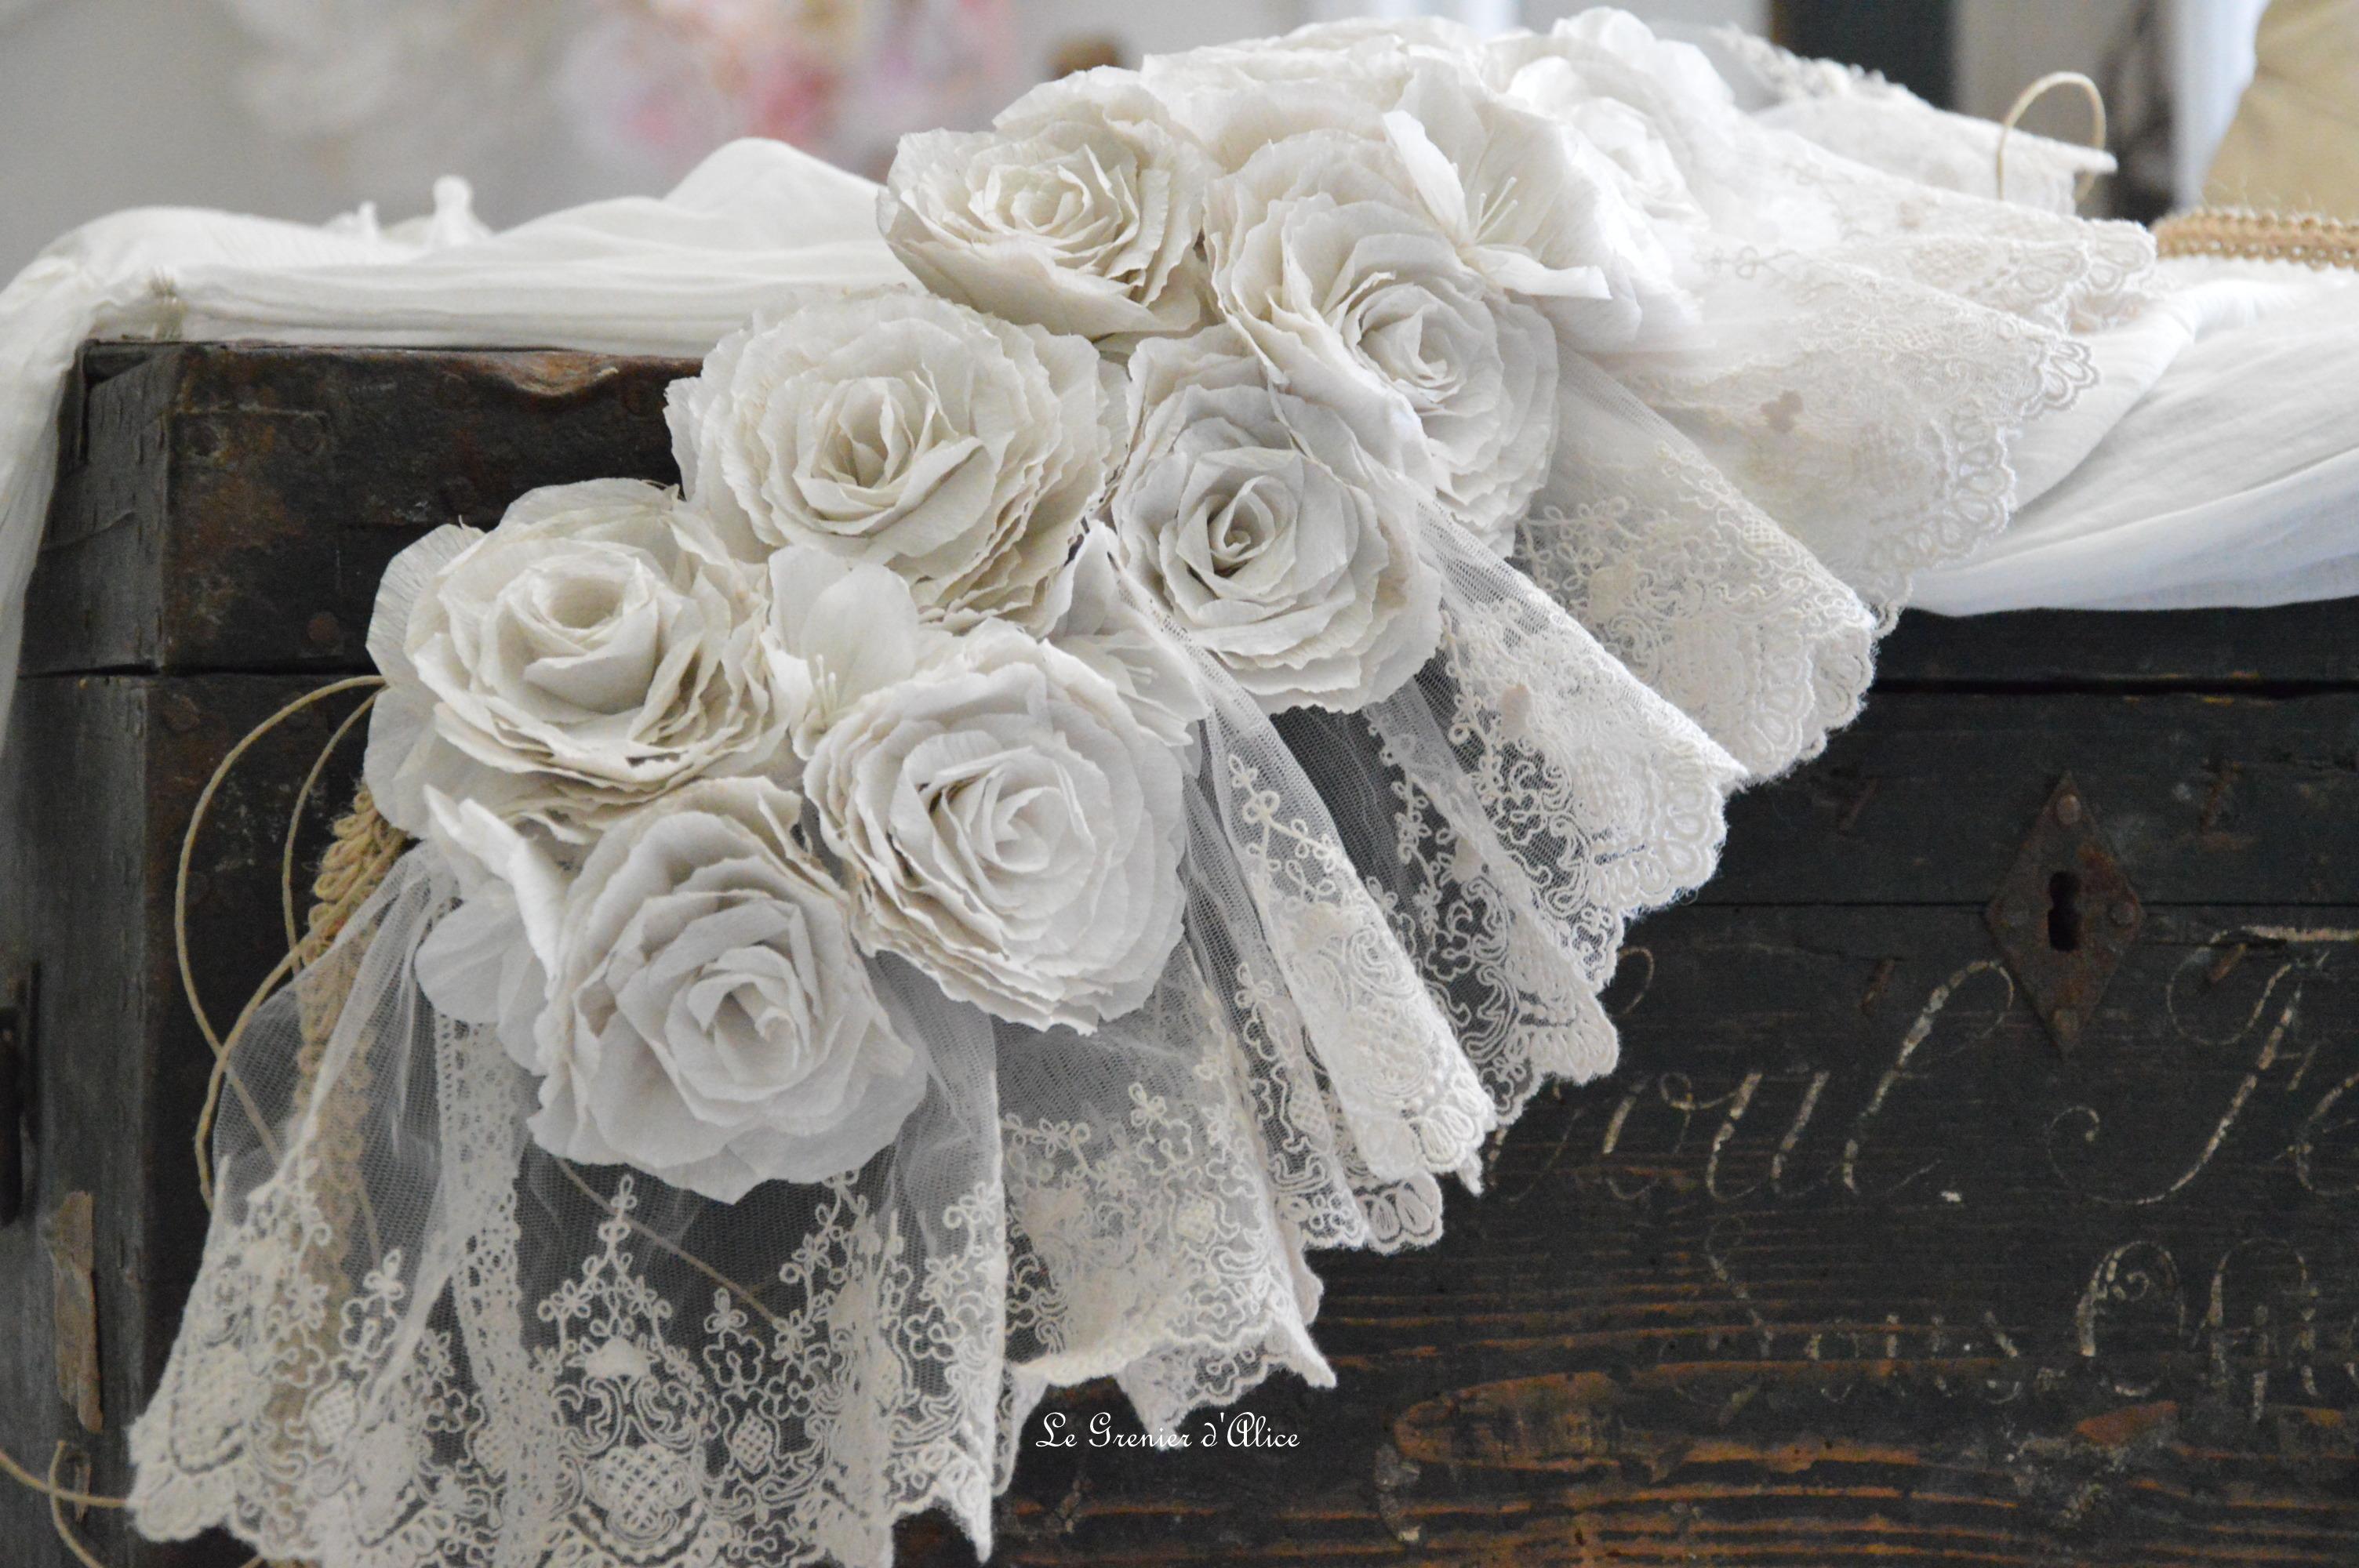 Guirlande rose papier crepon rose poudré couleur lin shabby chic romantique romantic rozen couronne rose dentelle voile mariée jute ruban 3